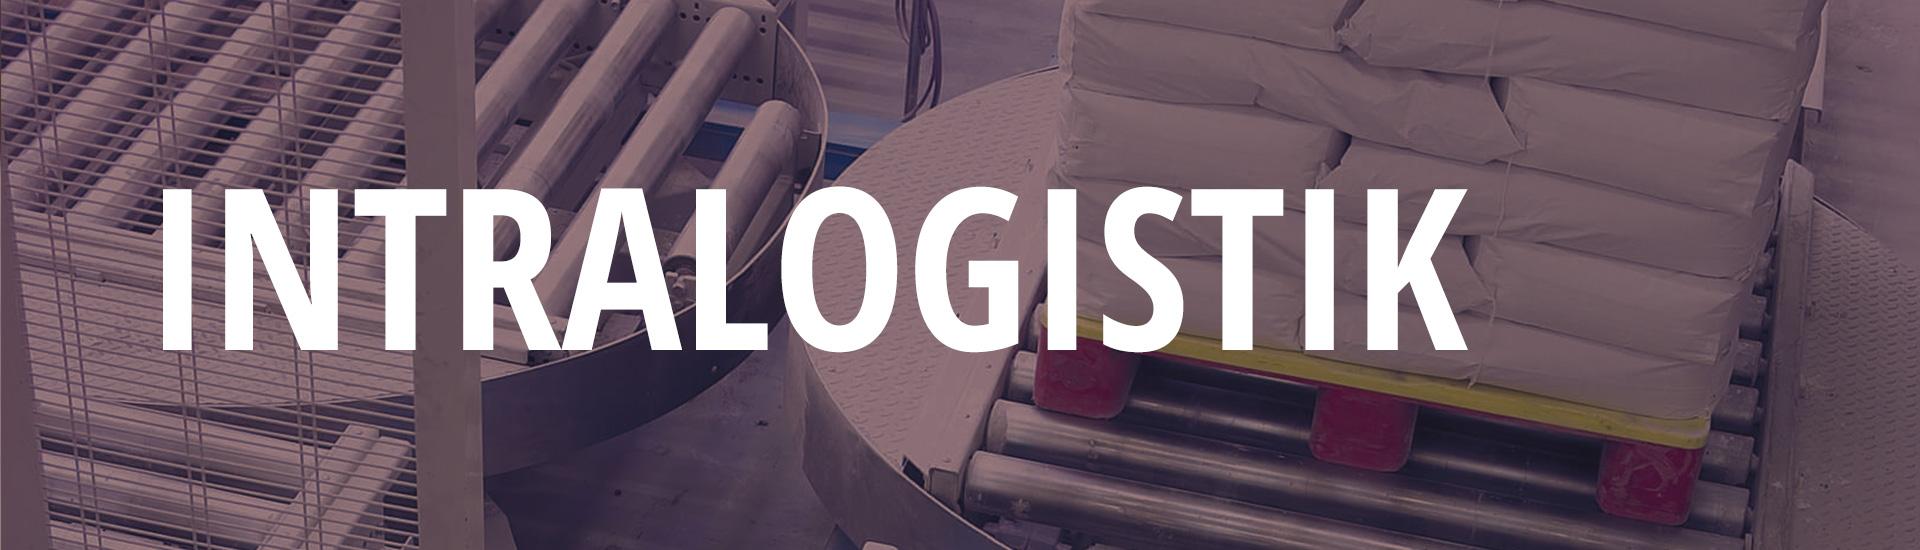 Intralogistik von Profis für Profis